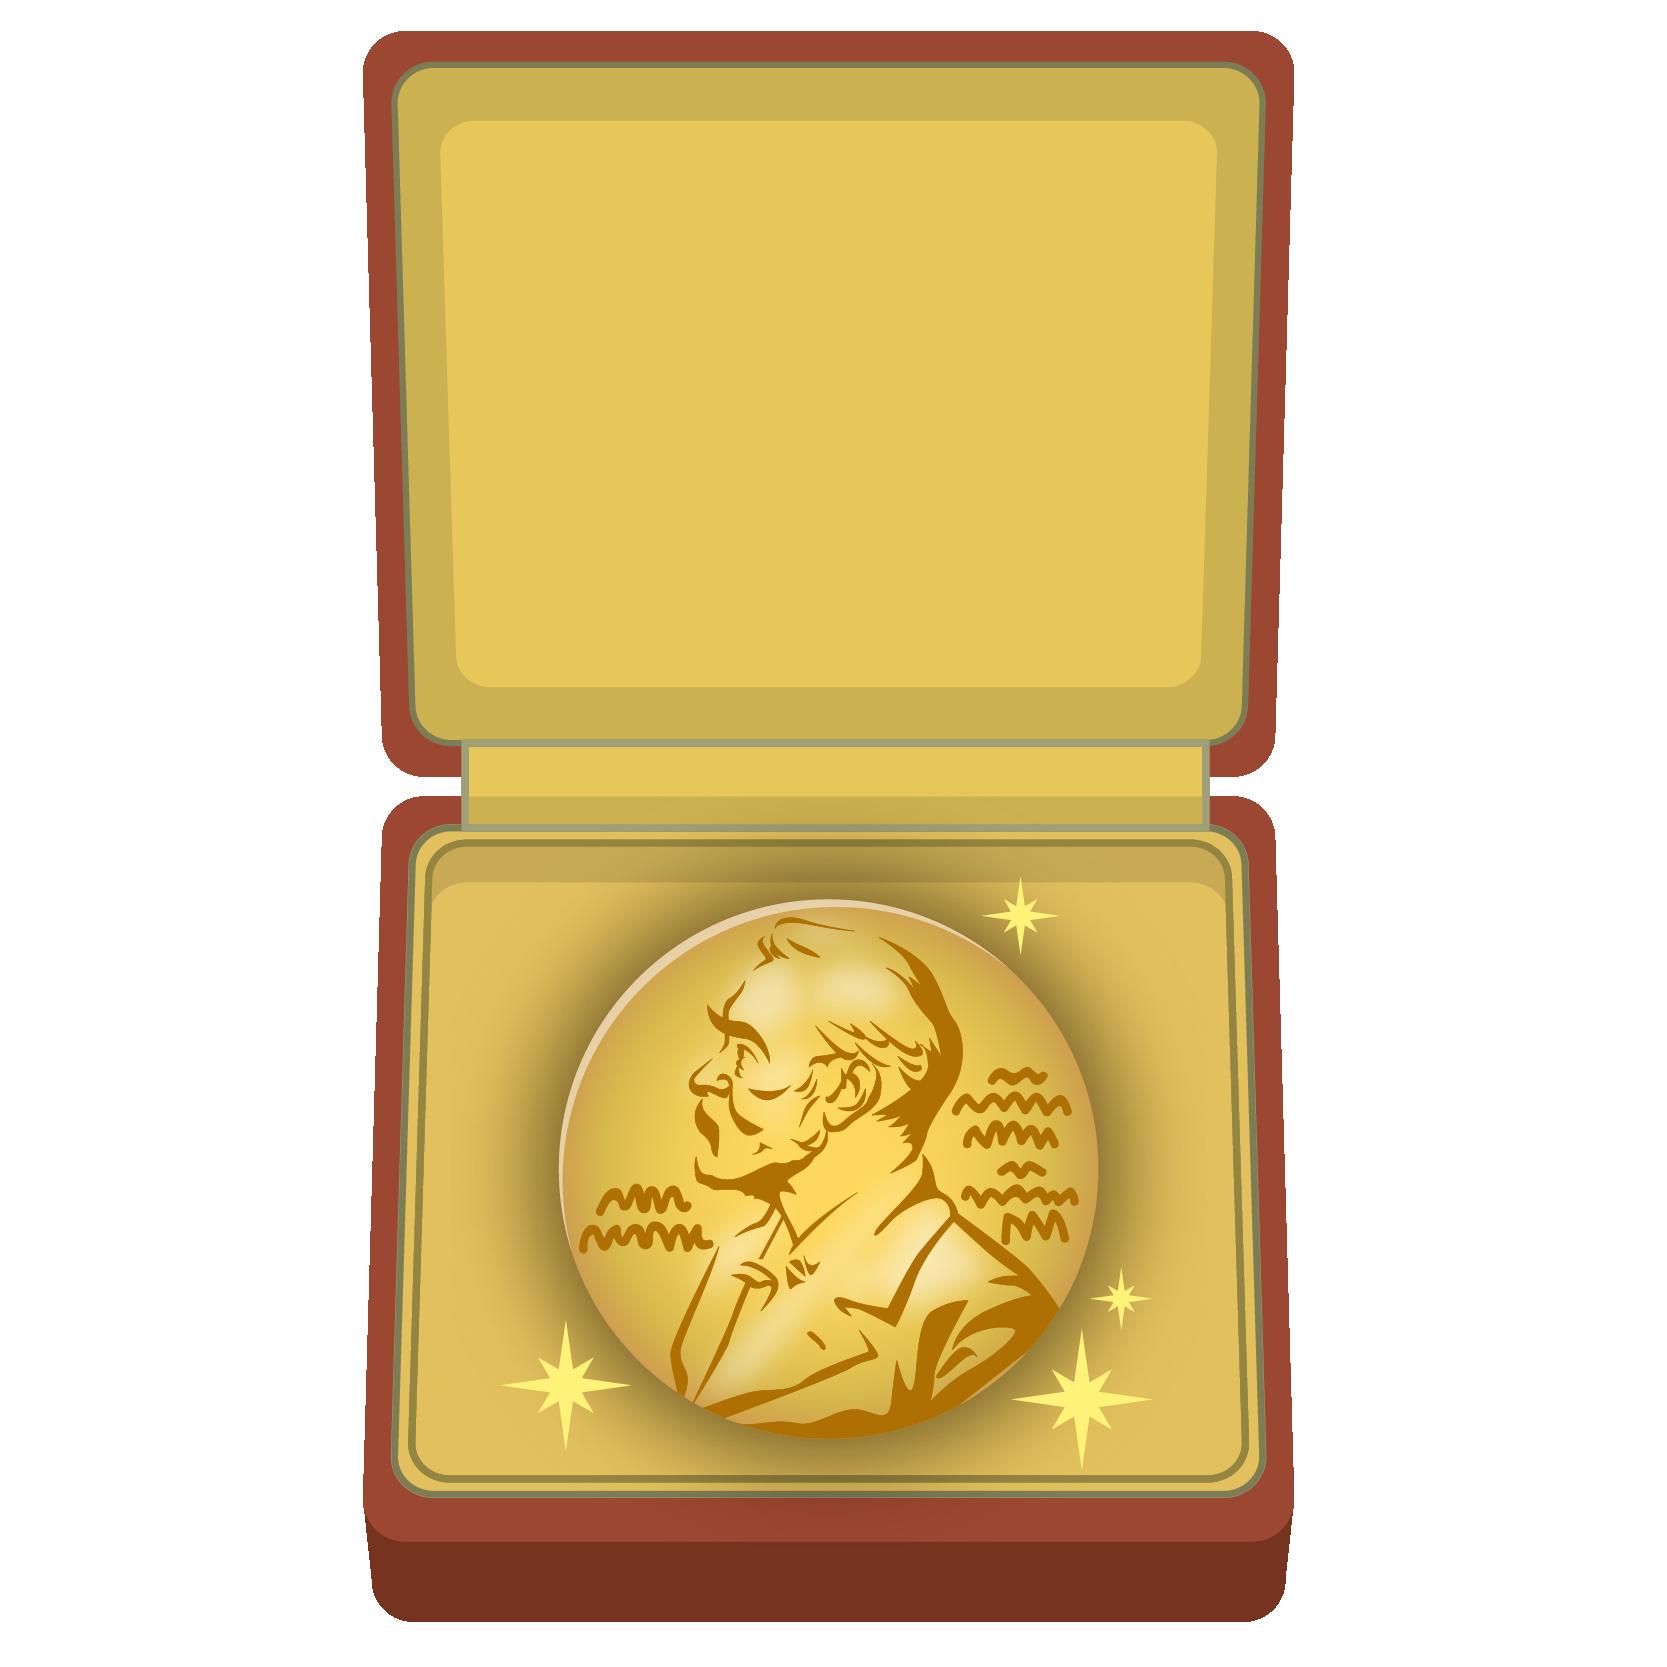 商用フリーイラスト_ノーベル賞_メダル_ケース